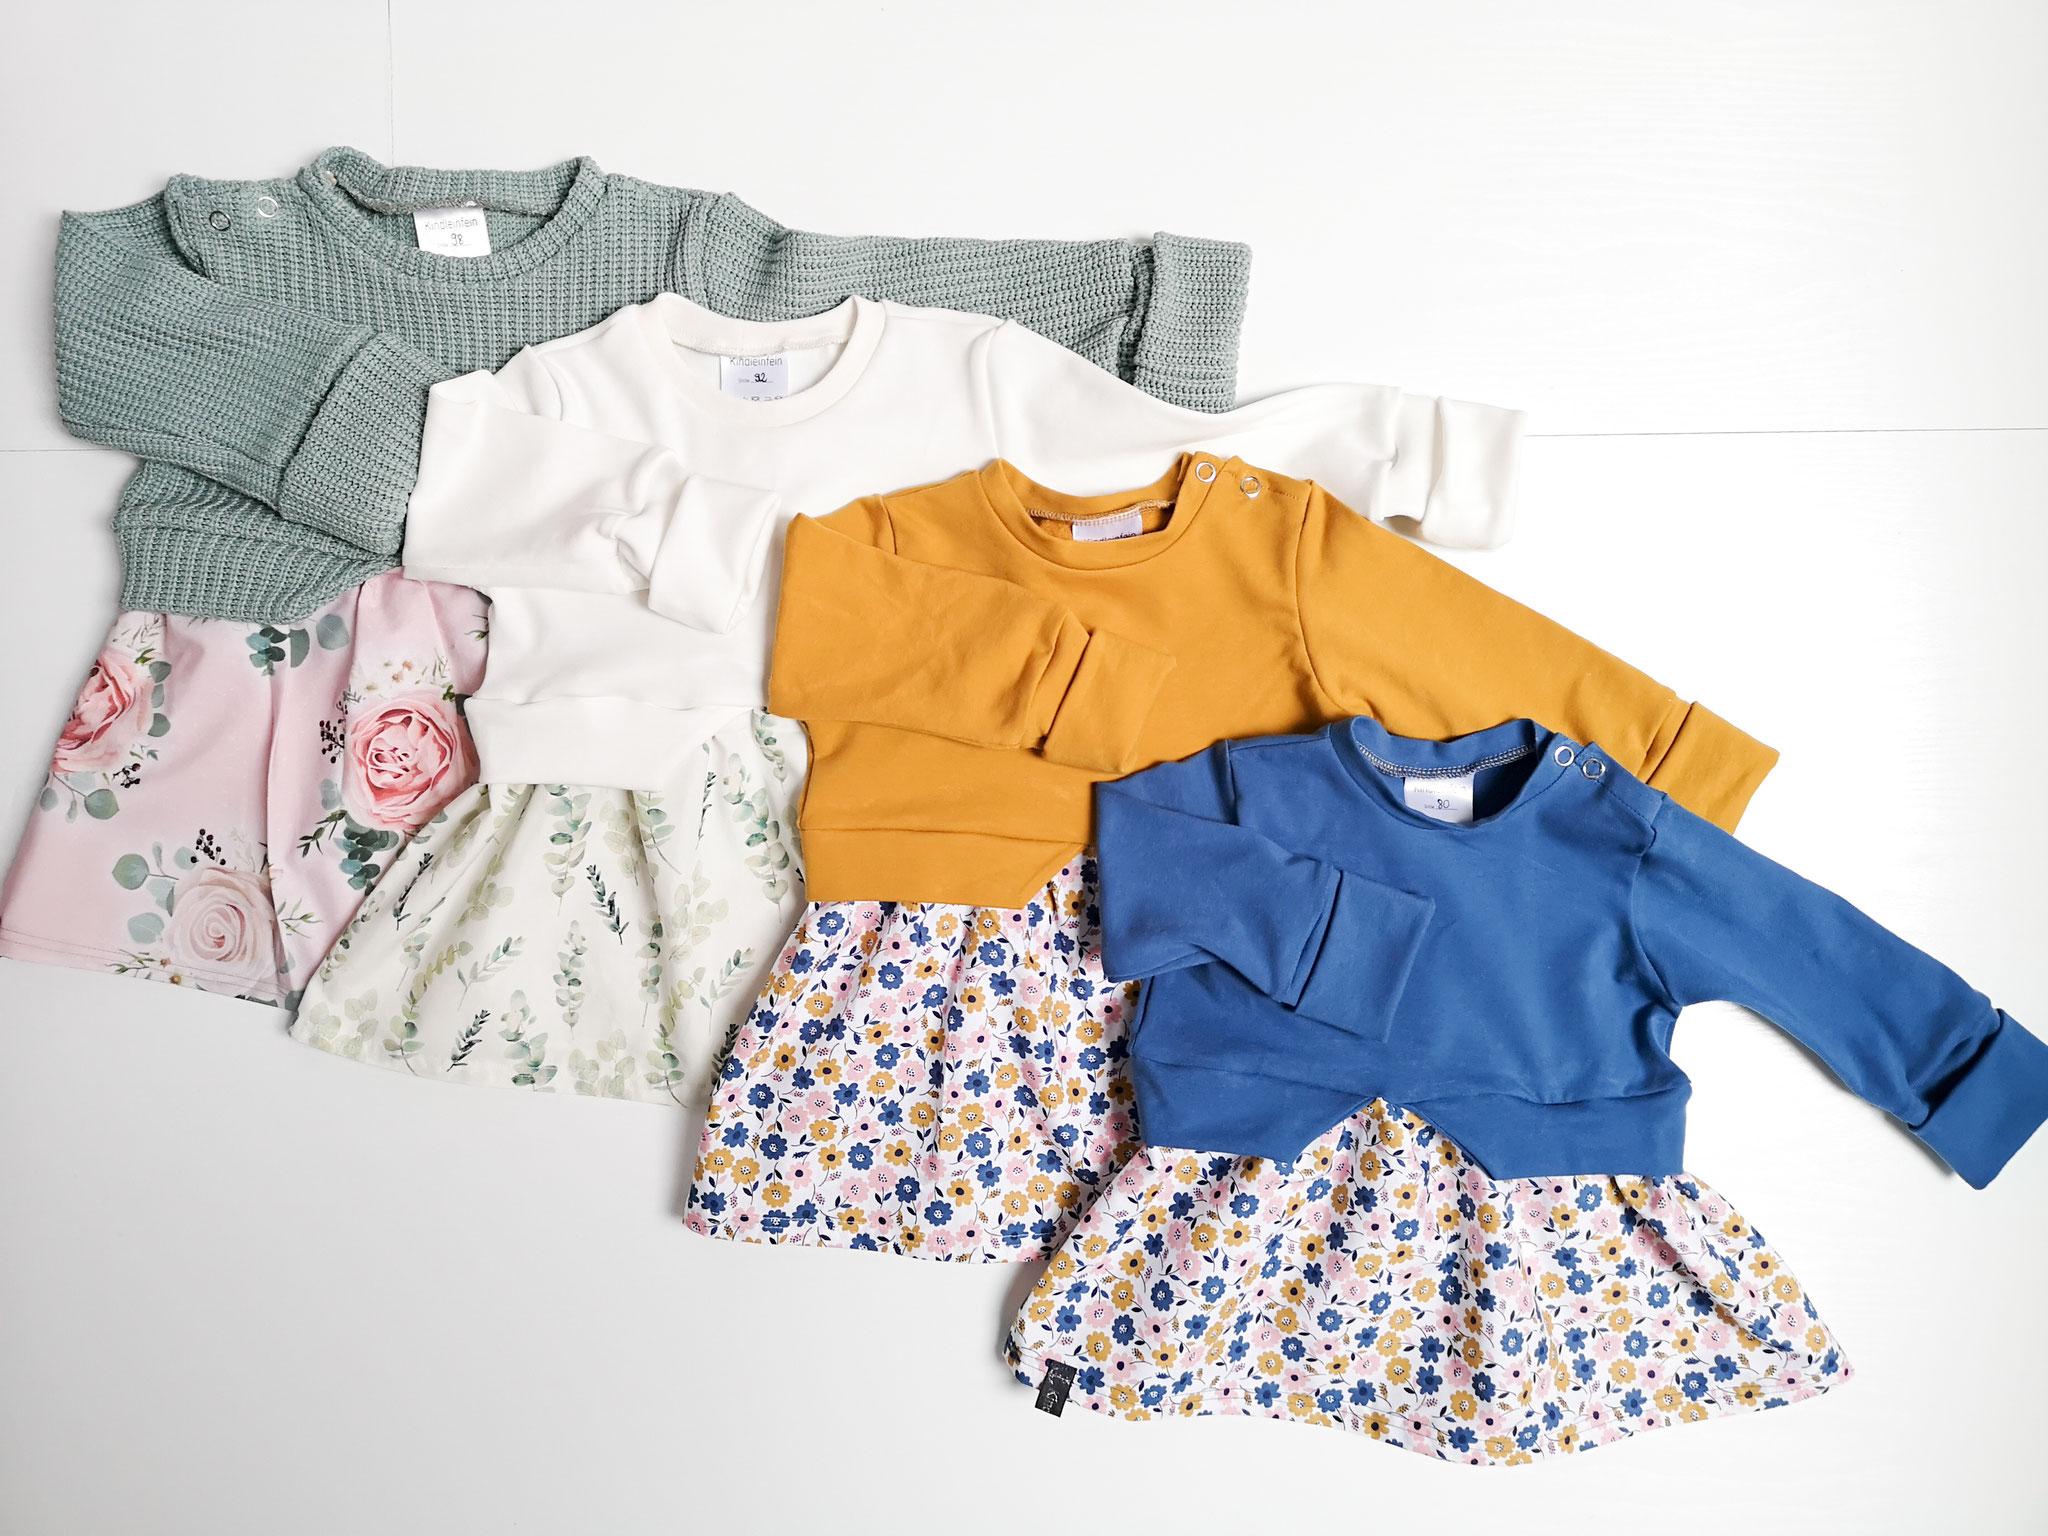 Girly Sweater in vielen Farben